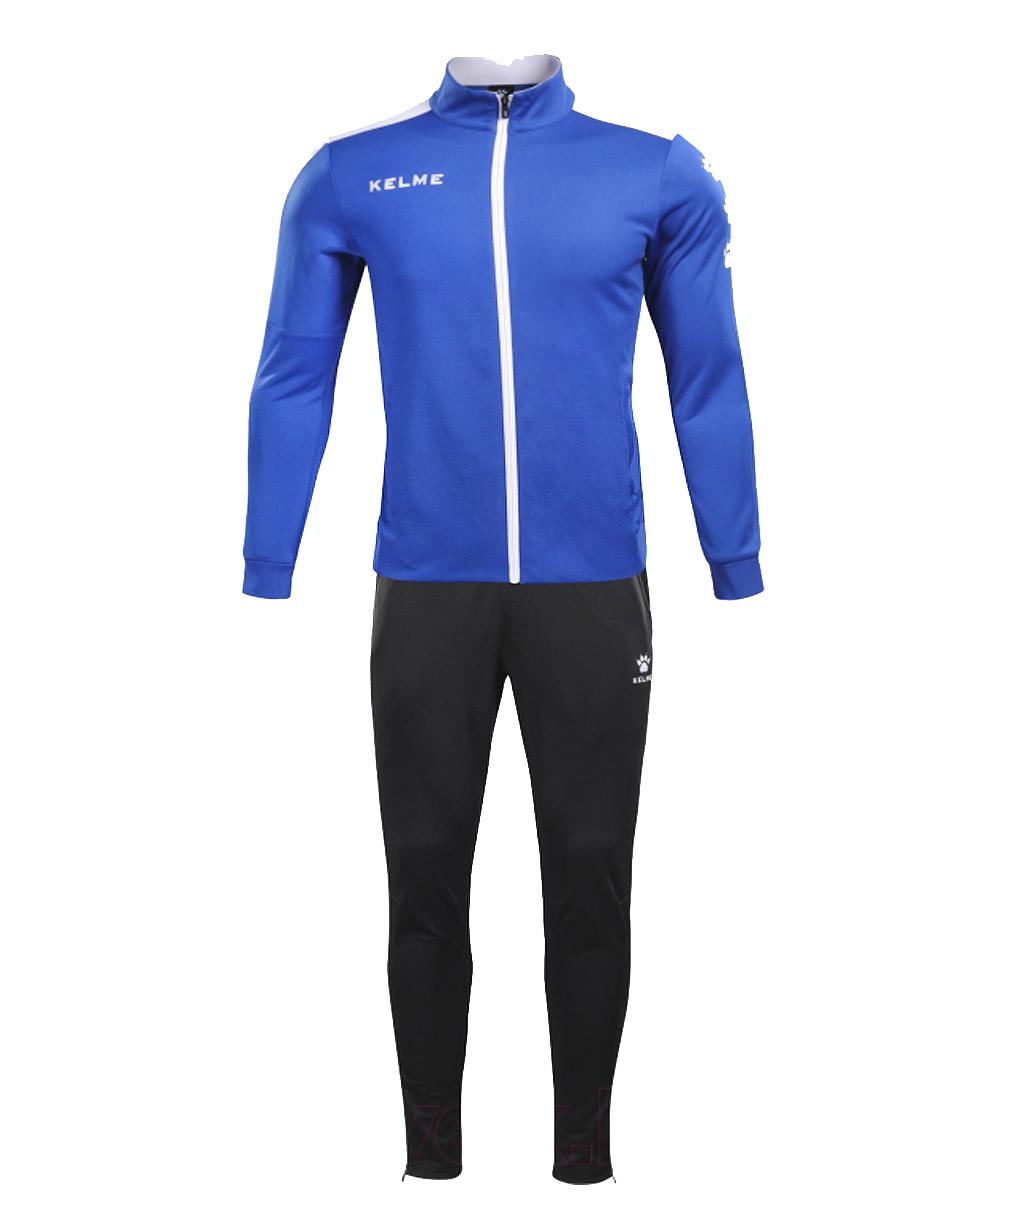 Купить синий детский спортивный костюм Kelme Tracksuit 3773200-409 в интернет-магазине